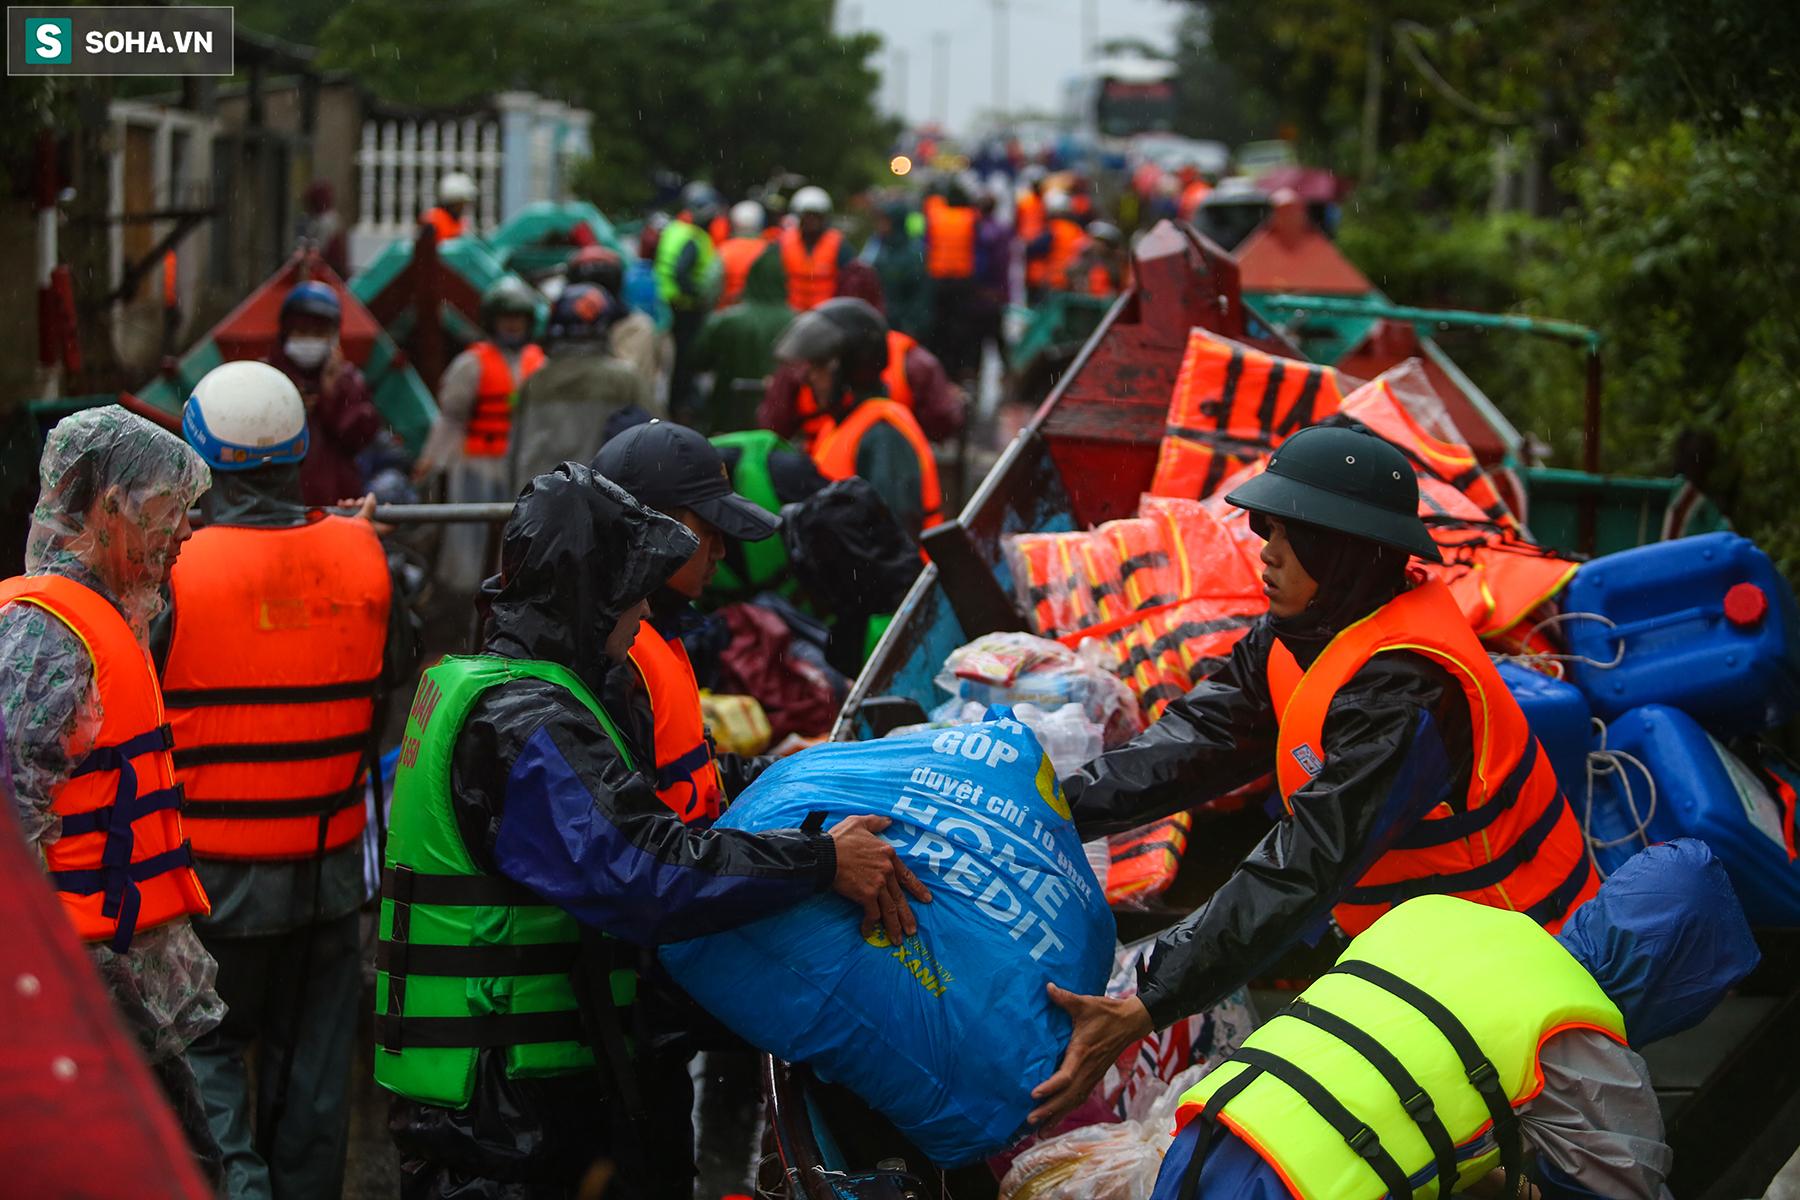 [Ảnh] Người phụ nữ ở Quảng Bình lao ra dòng nước lũ xin đồ ăn cho mẹ già bật khóc khi được cứu hộ khỏi ghe lật  - Ảnh 1.